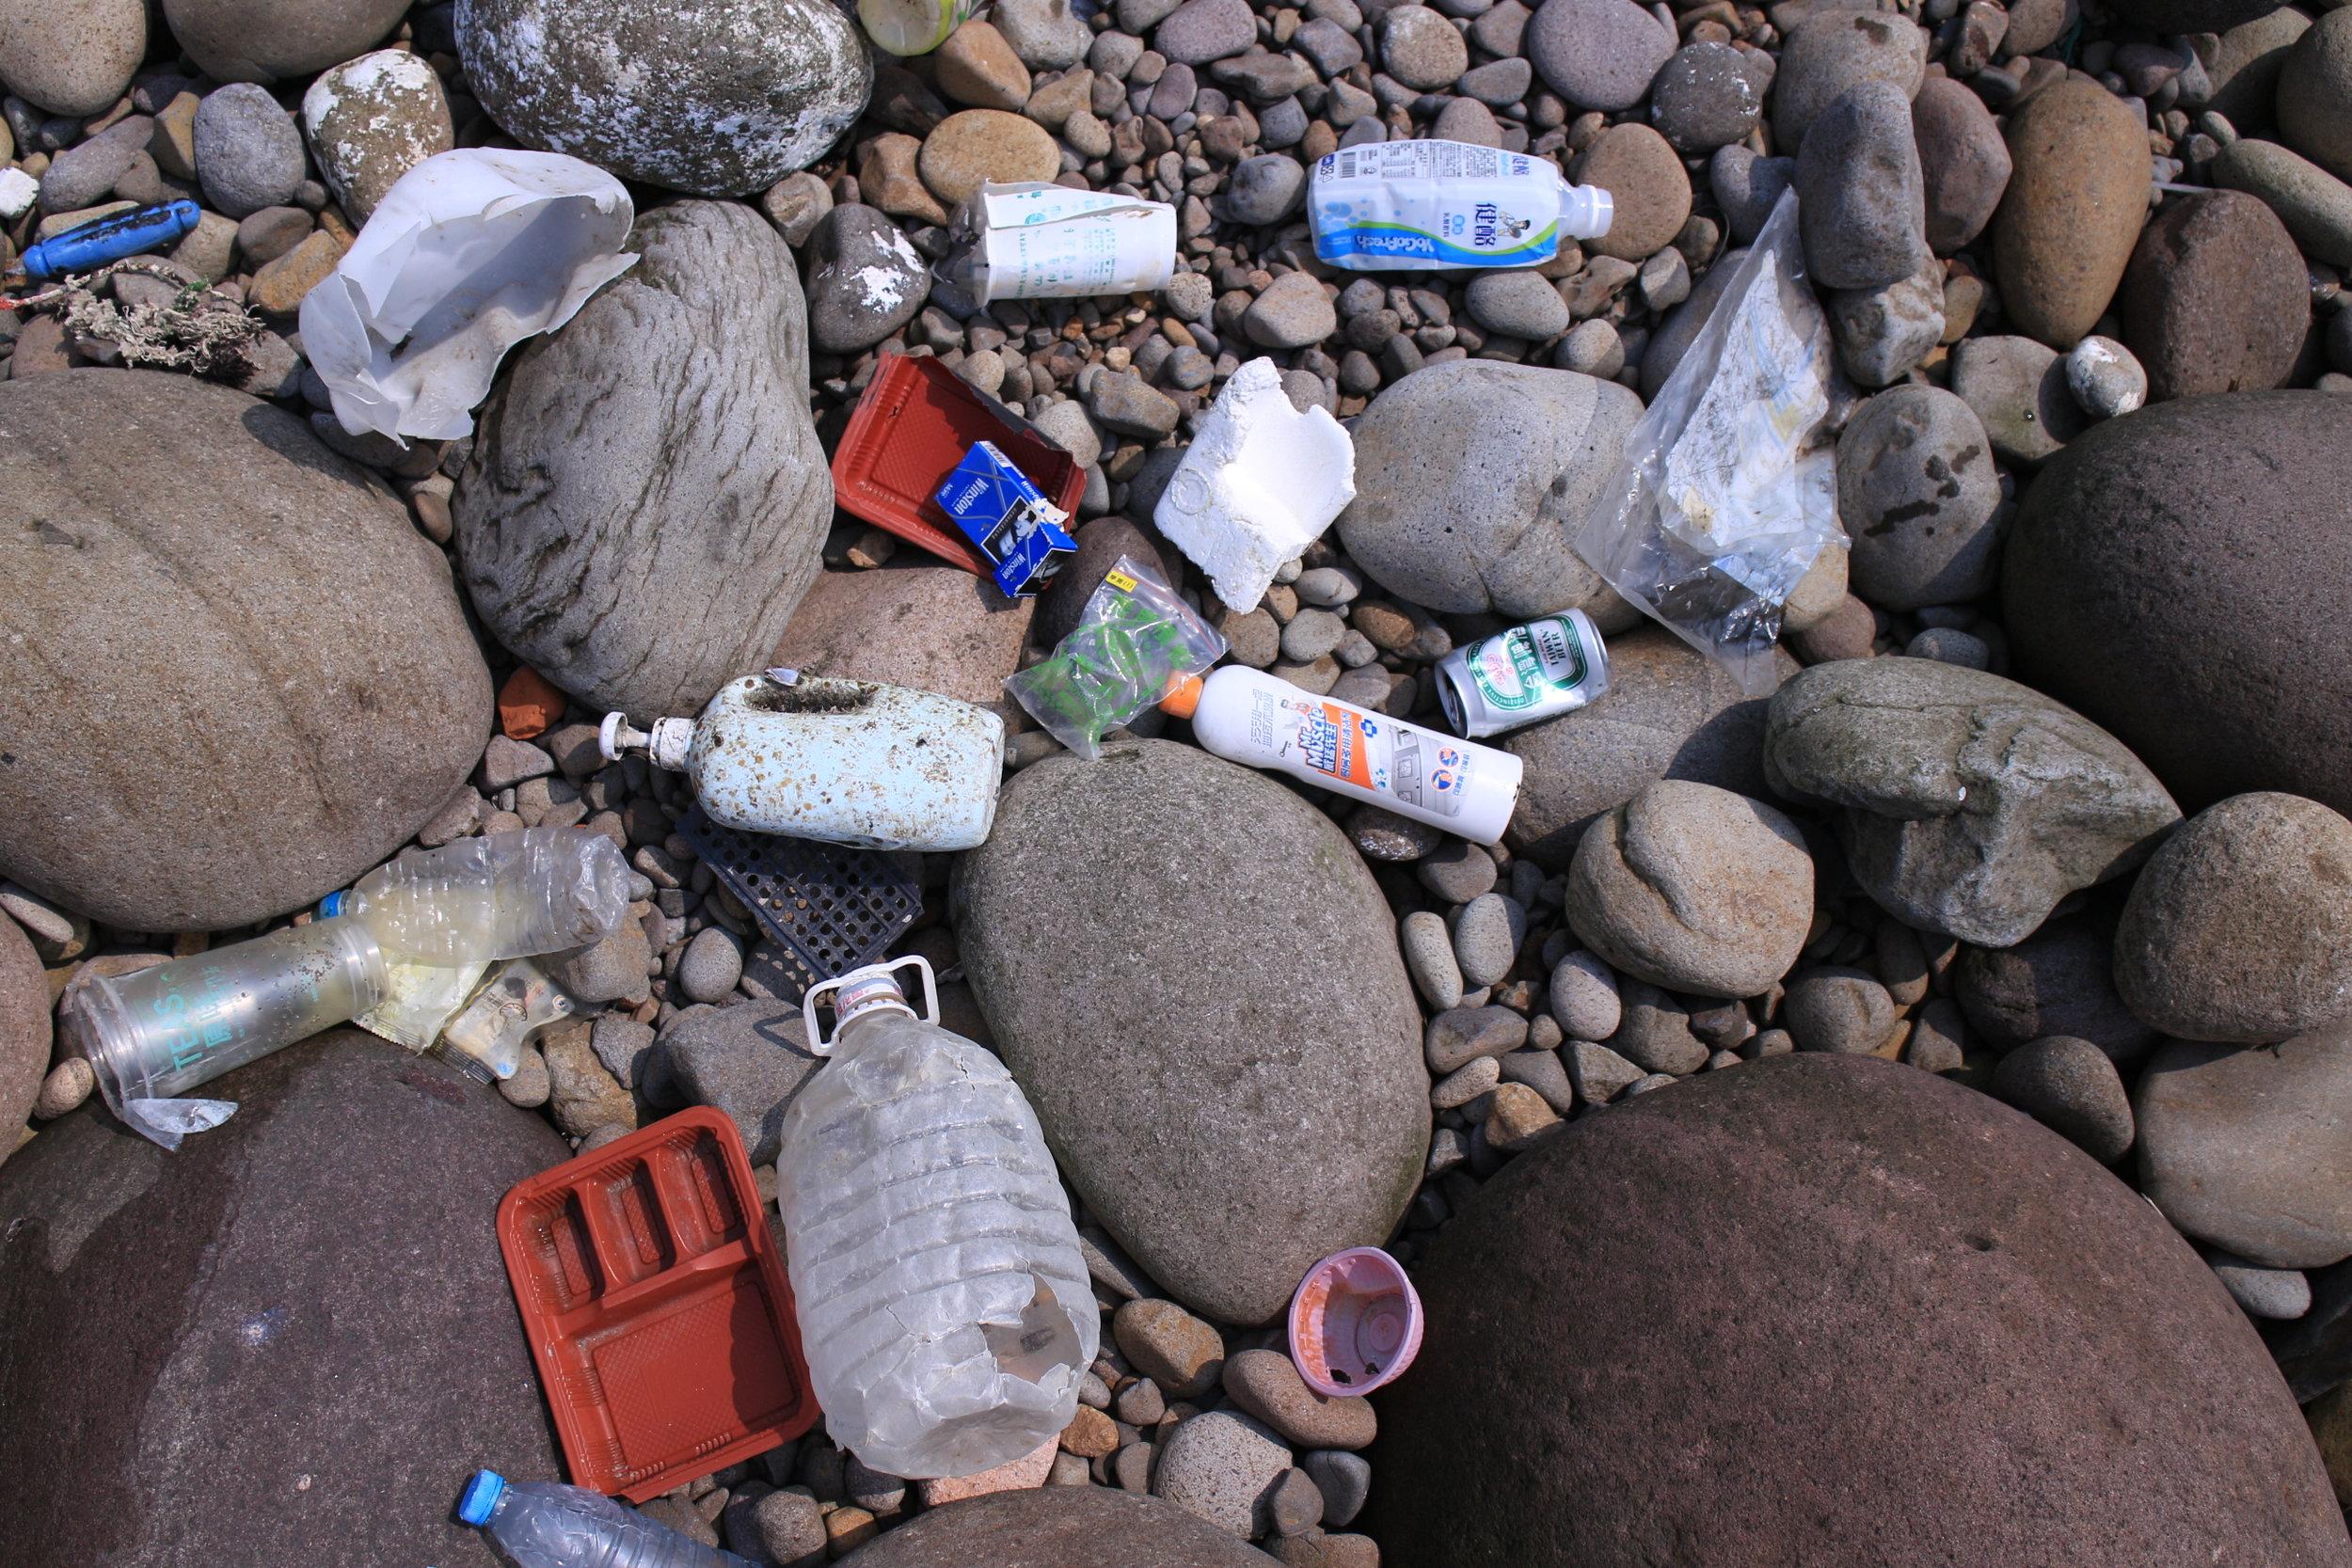 (照片中的海漂物是不是很熟悉呢?都是我們生活中用到的塑膠製品,這只是冰山一角,有時東北季風會帶來更驚人的海漂垃圾)